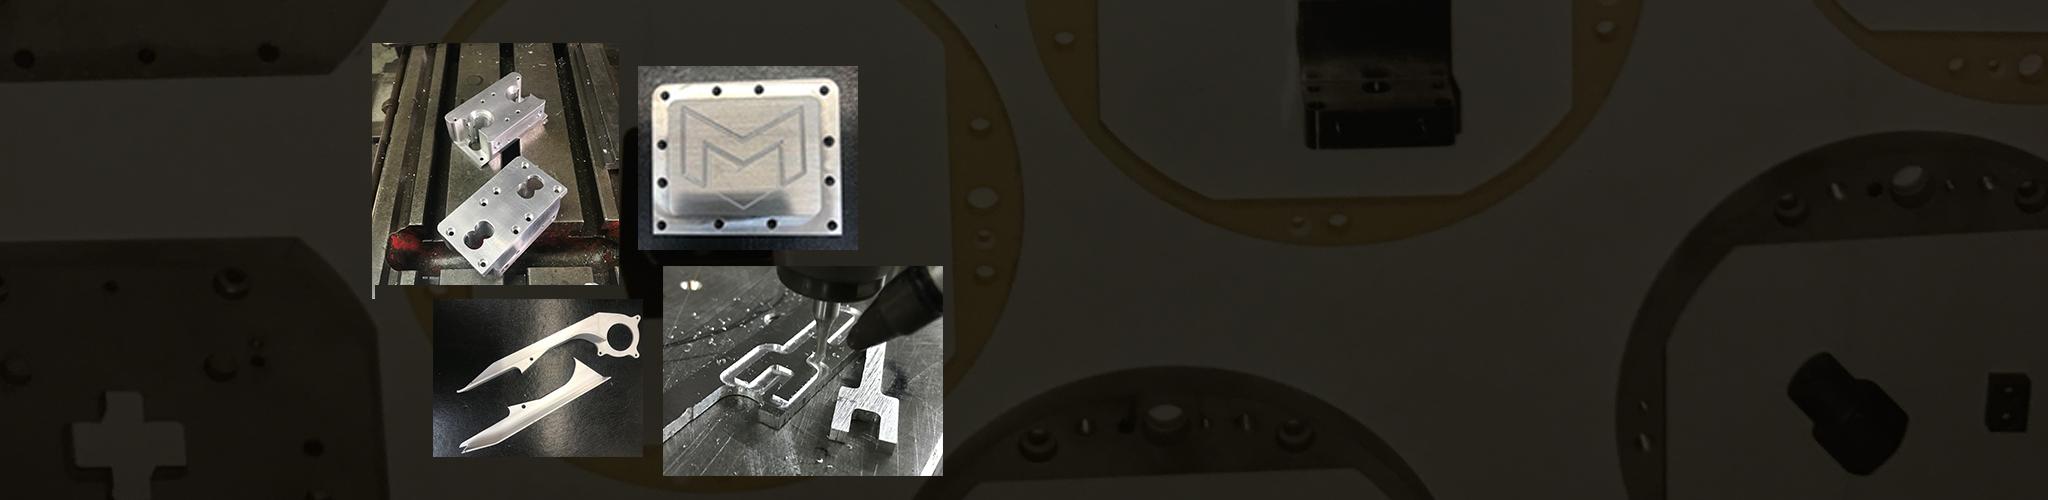 Custom_Parts_Manufacturing